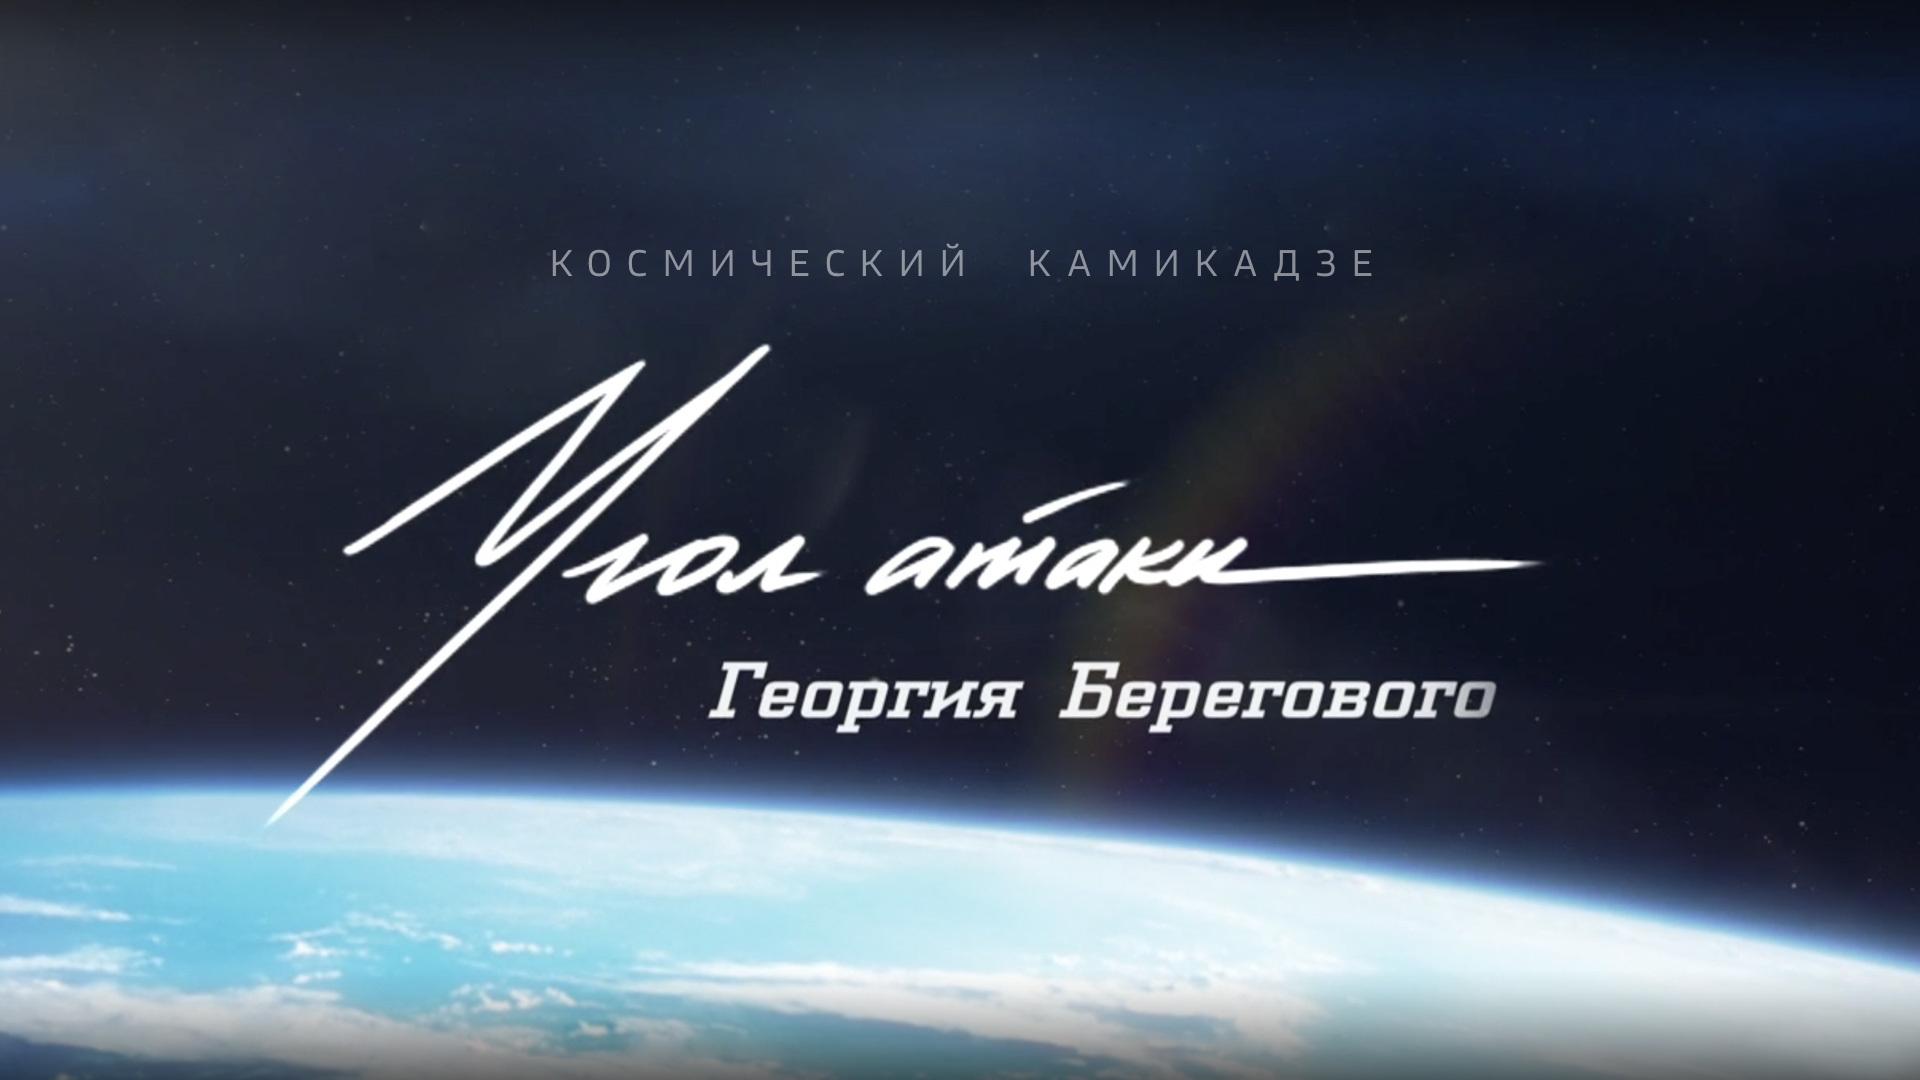 Космический камикадзе. Угол атаки Георгия Берегового